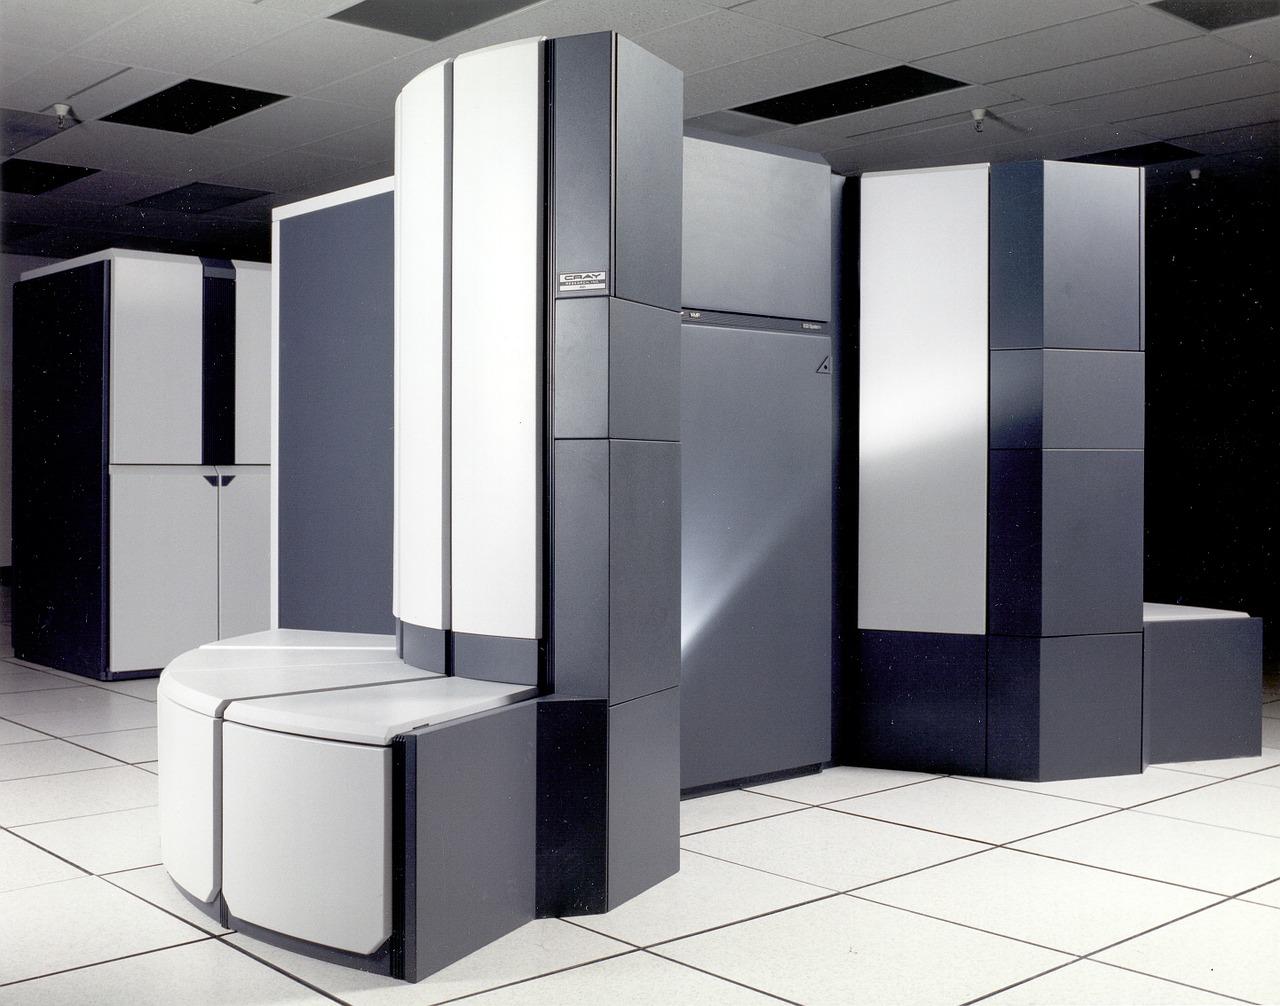 komputer kwantowy, superkomputer